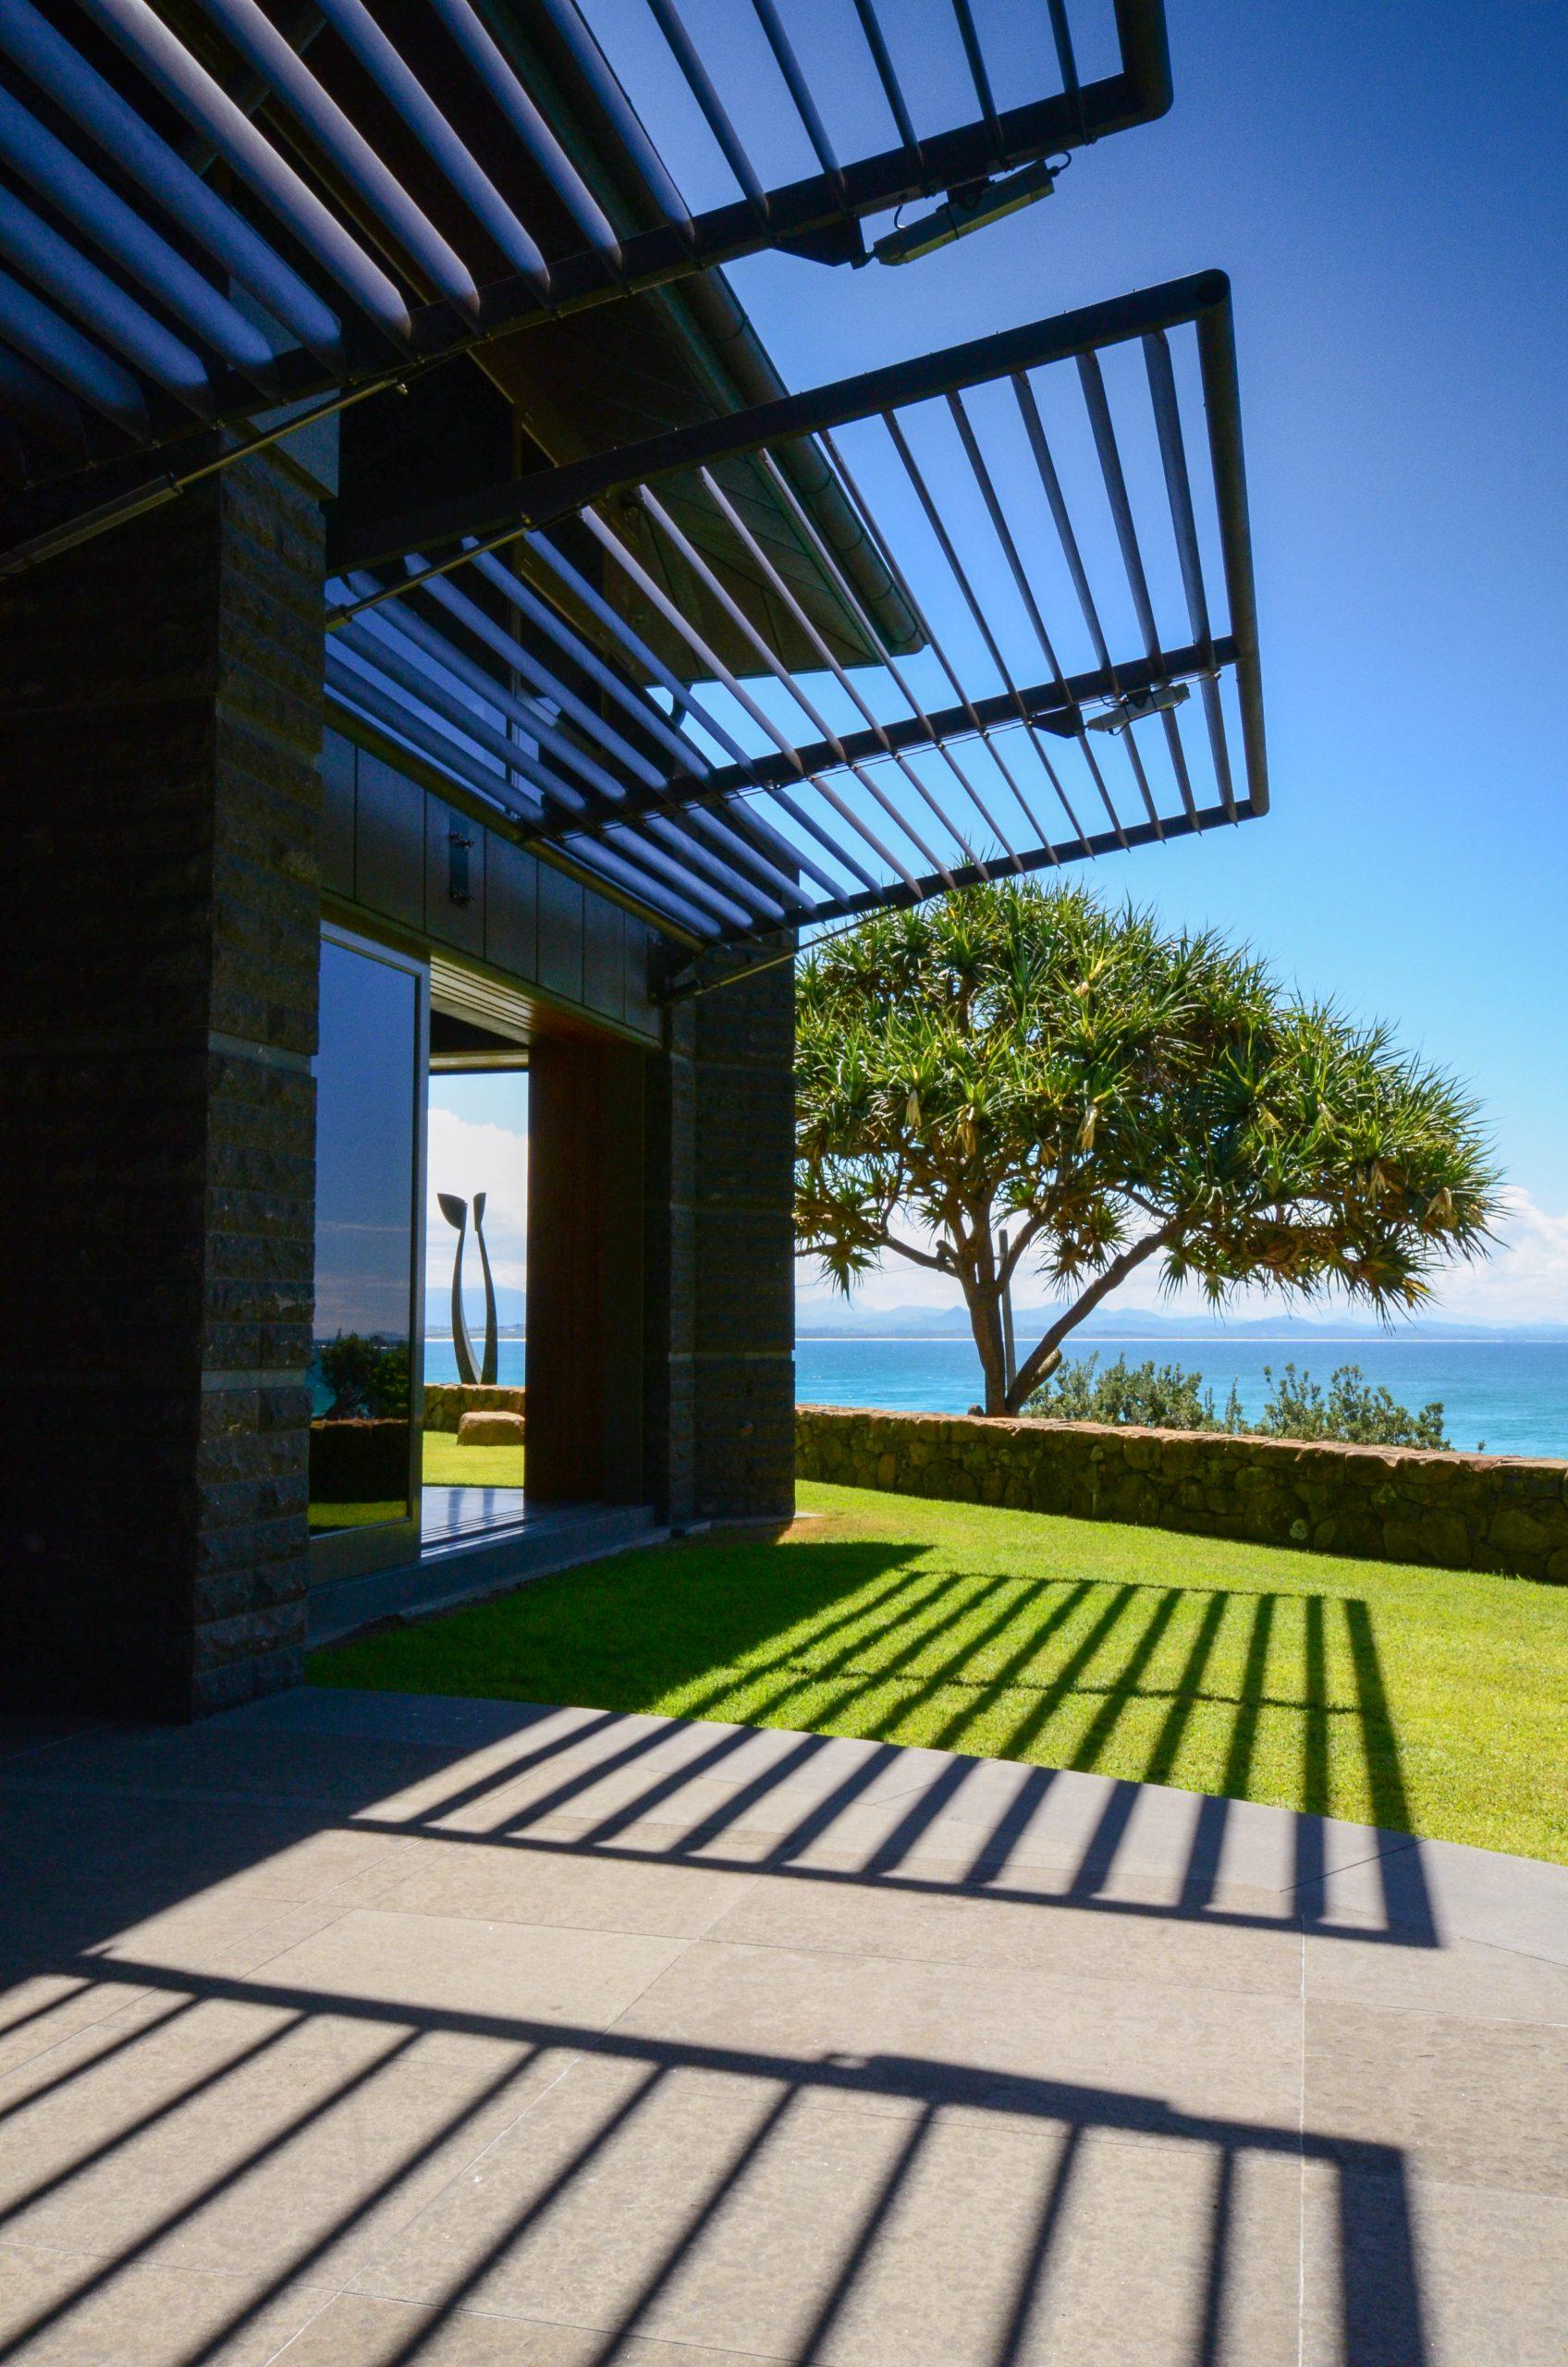 Lawn Terrace